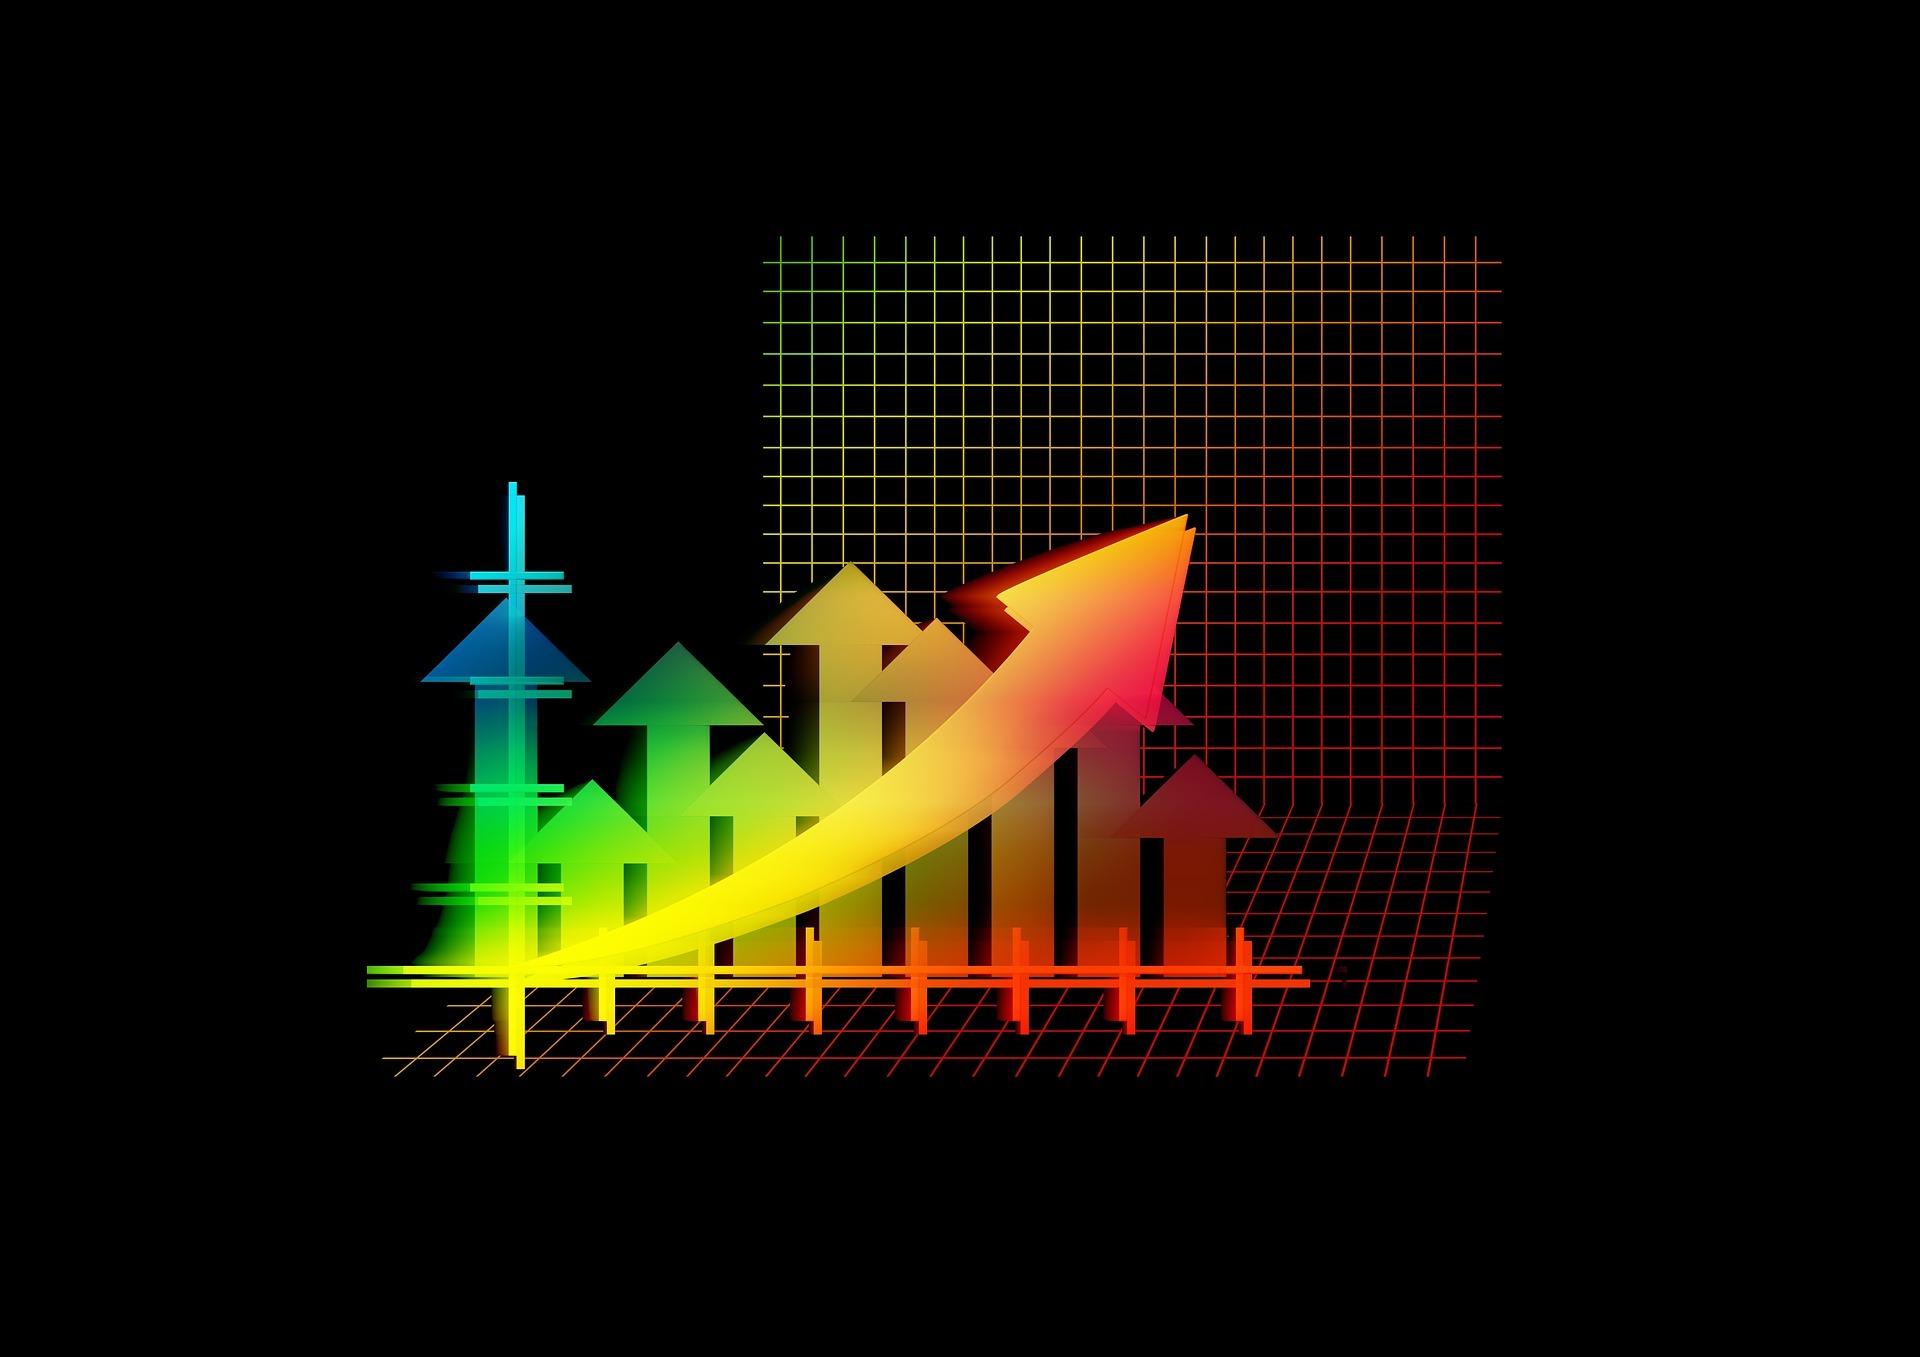 《【万和城注册平台】在股票市场中,成交量放大对股价意味着什么?》